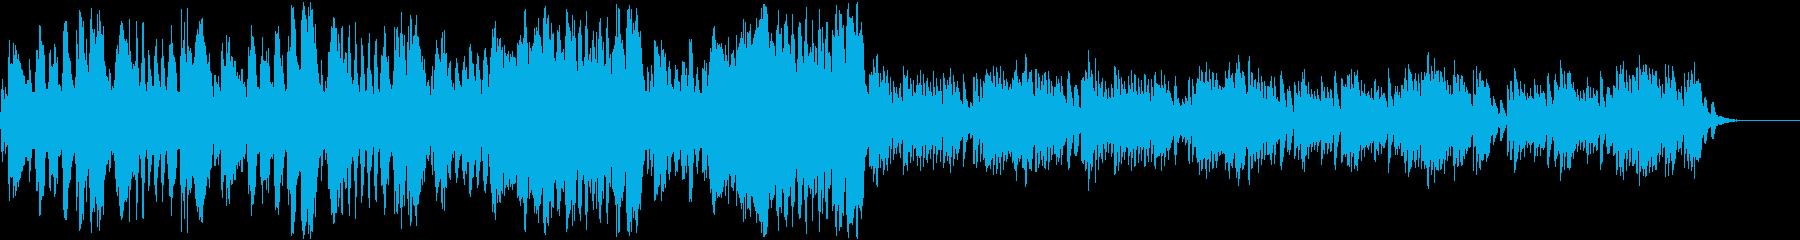 ピアノ協奏曲第17番第3楽章モーツァルトの再生済みの波形